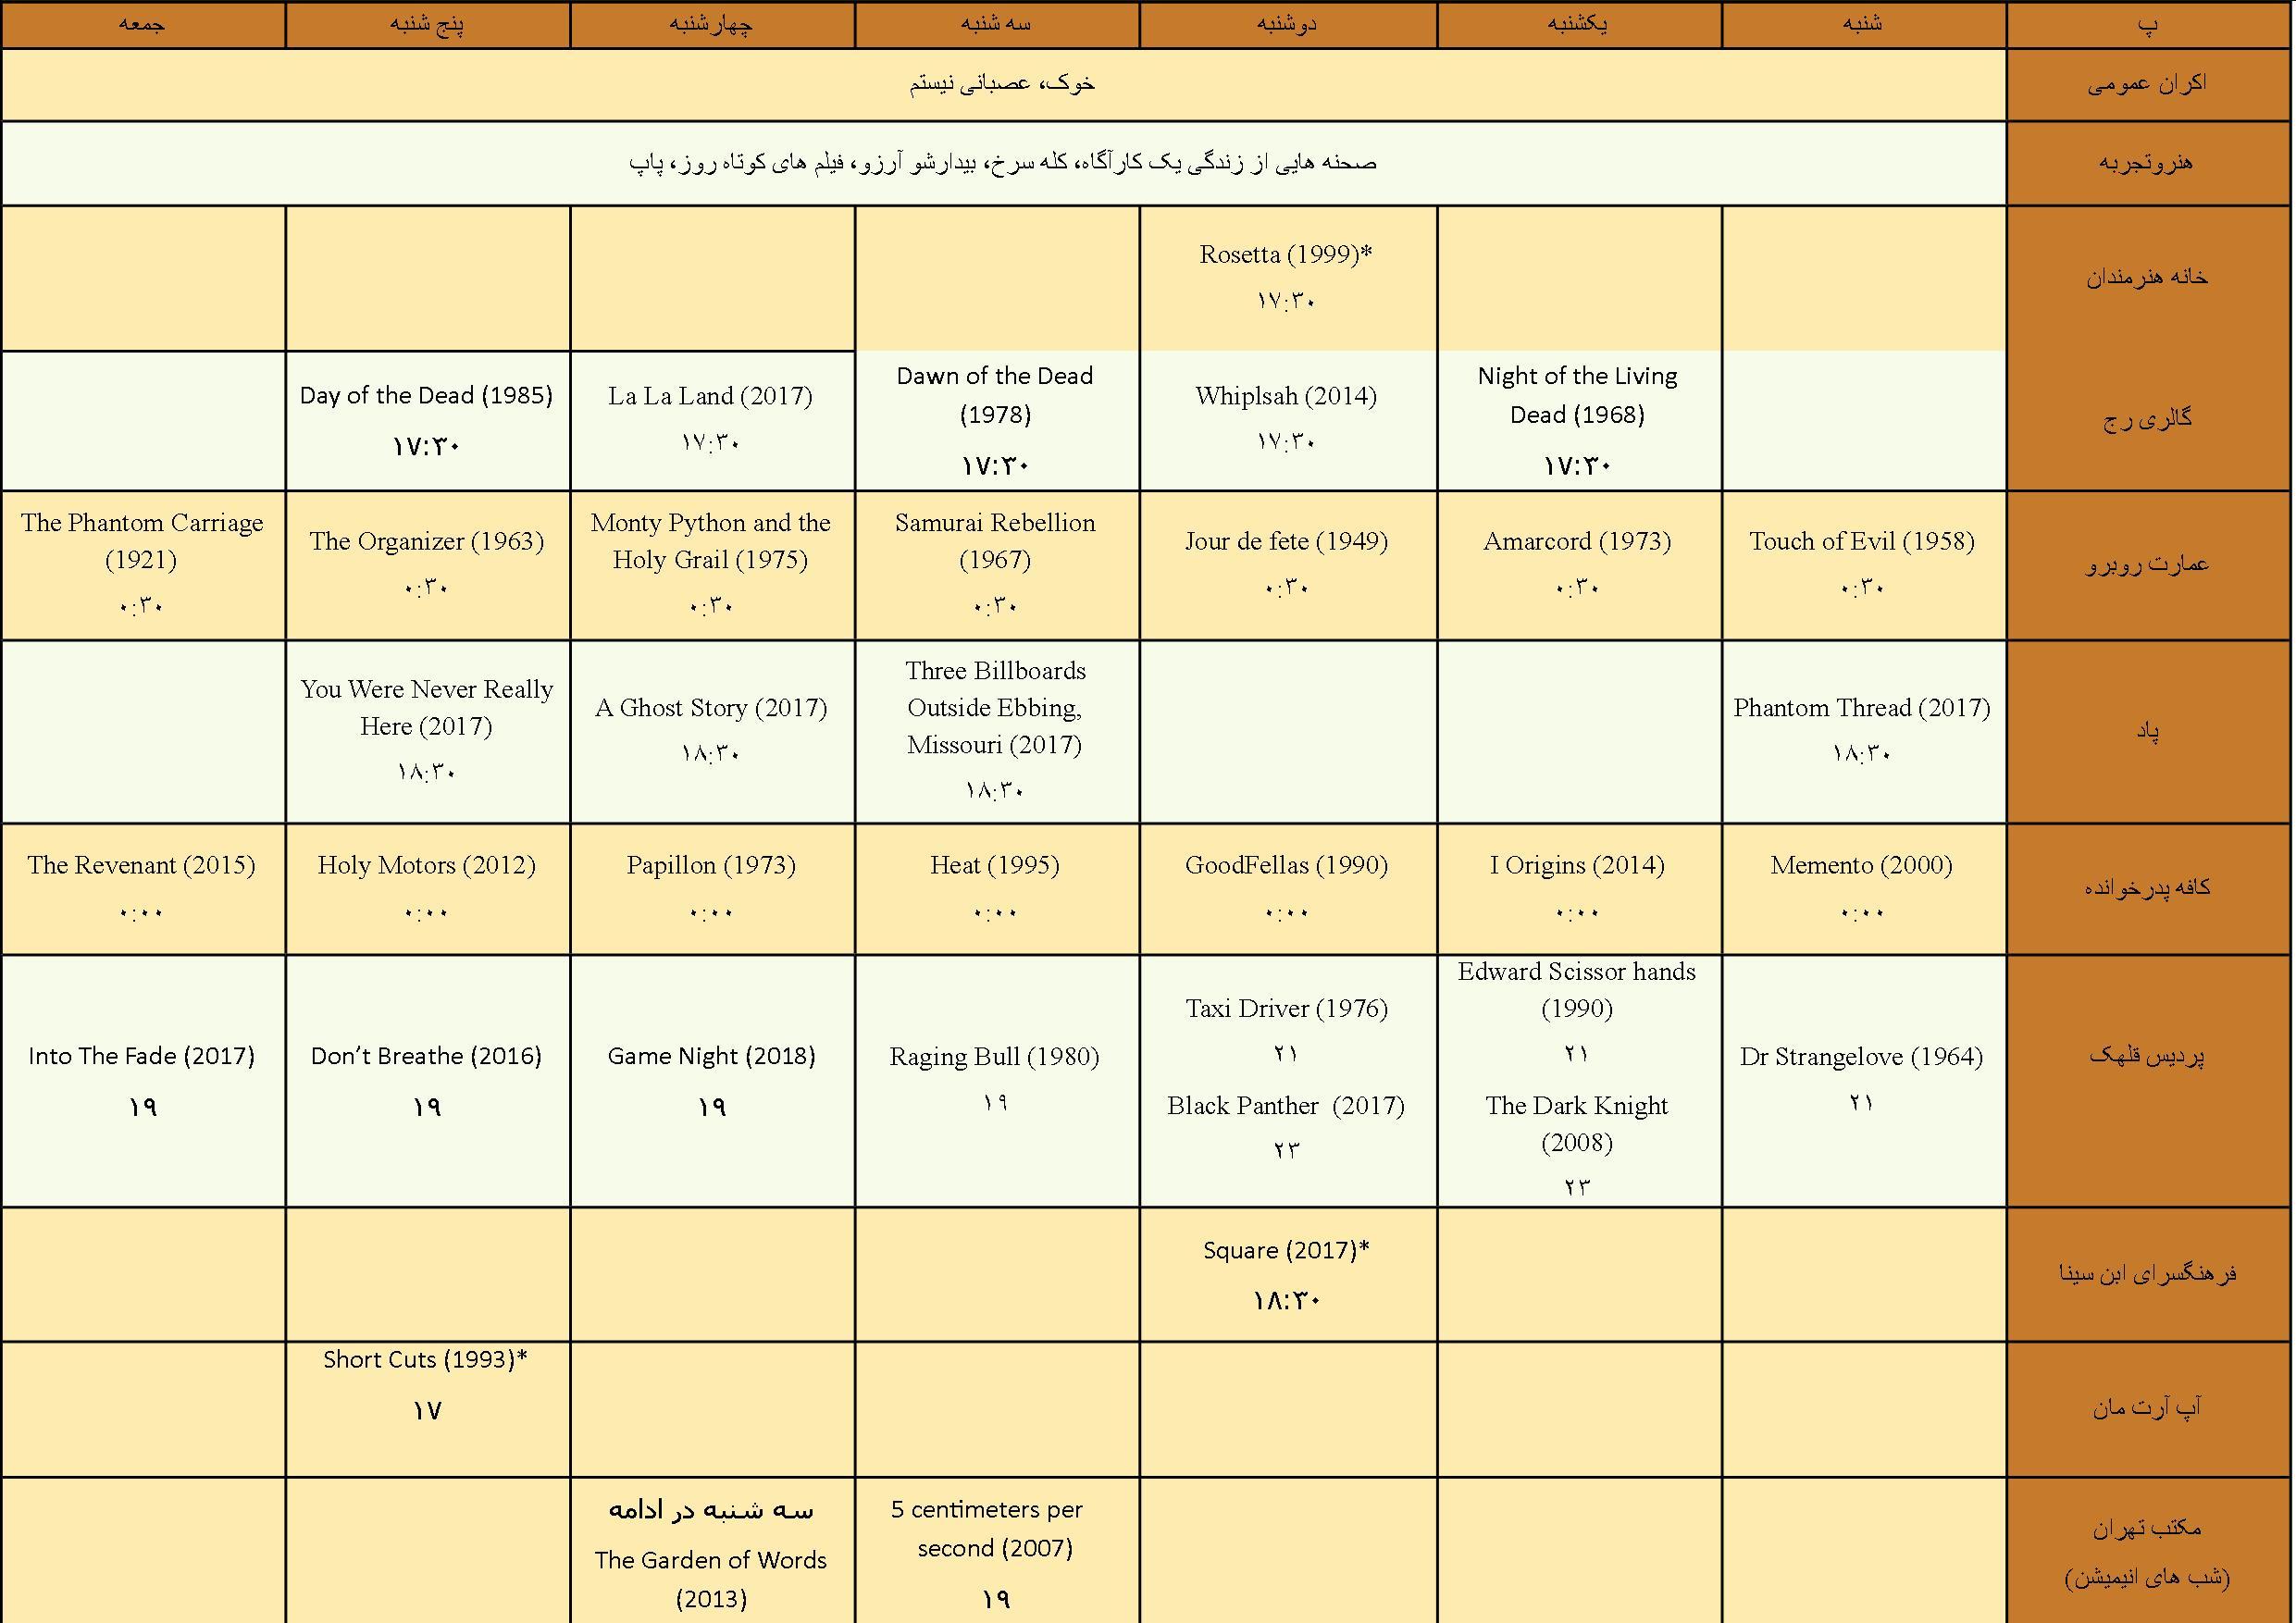 برنامه های سینمایی هفته دوم خرداد